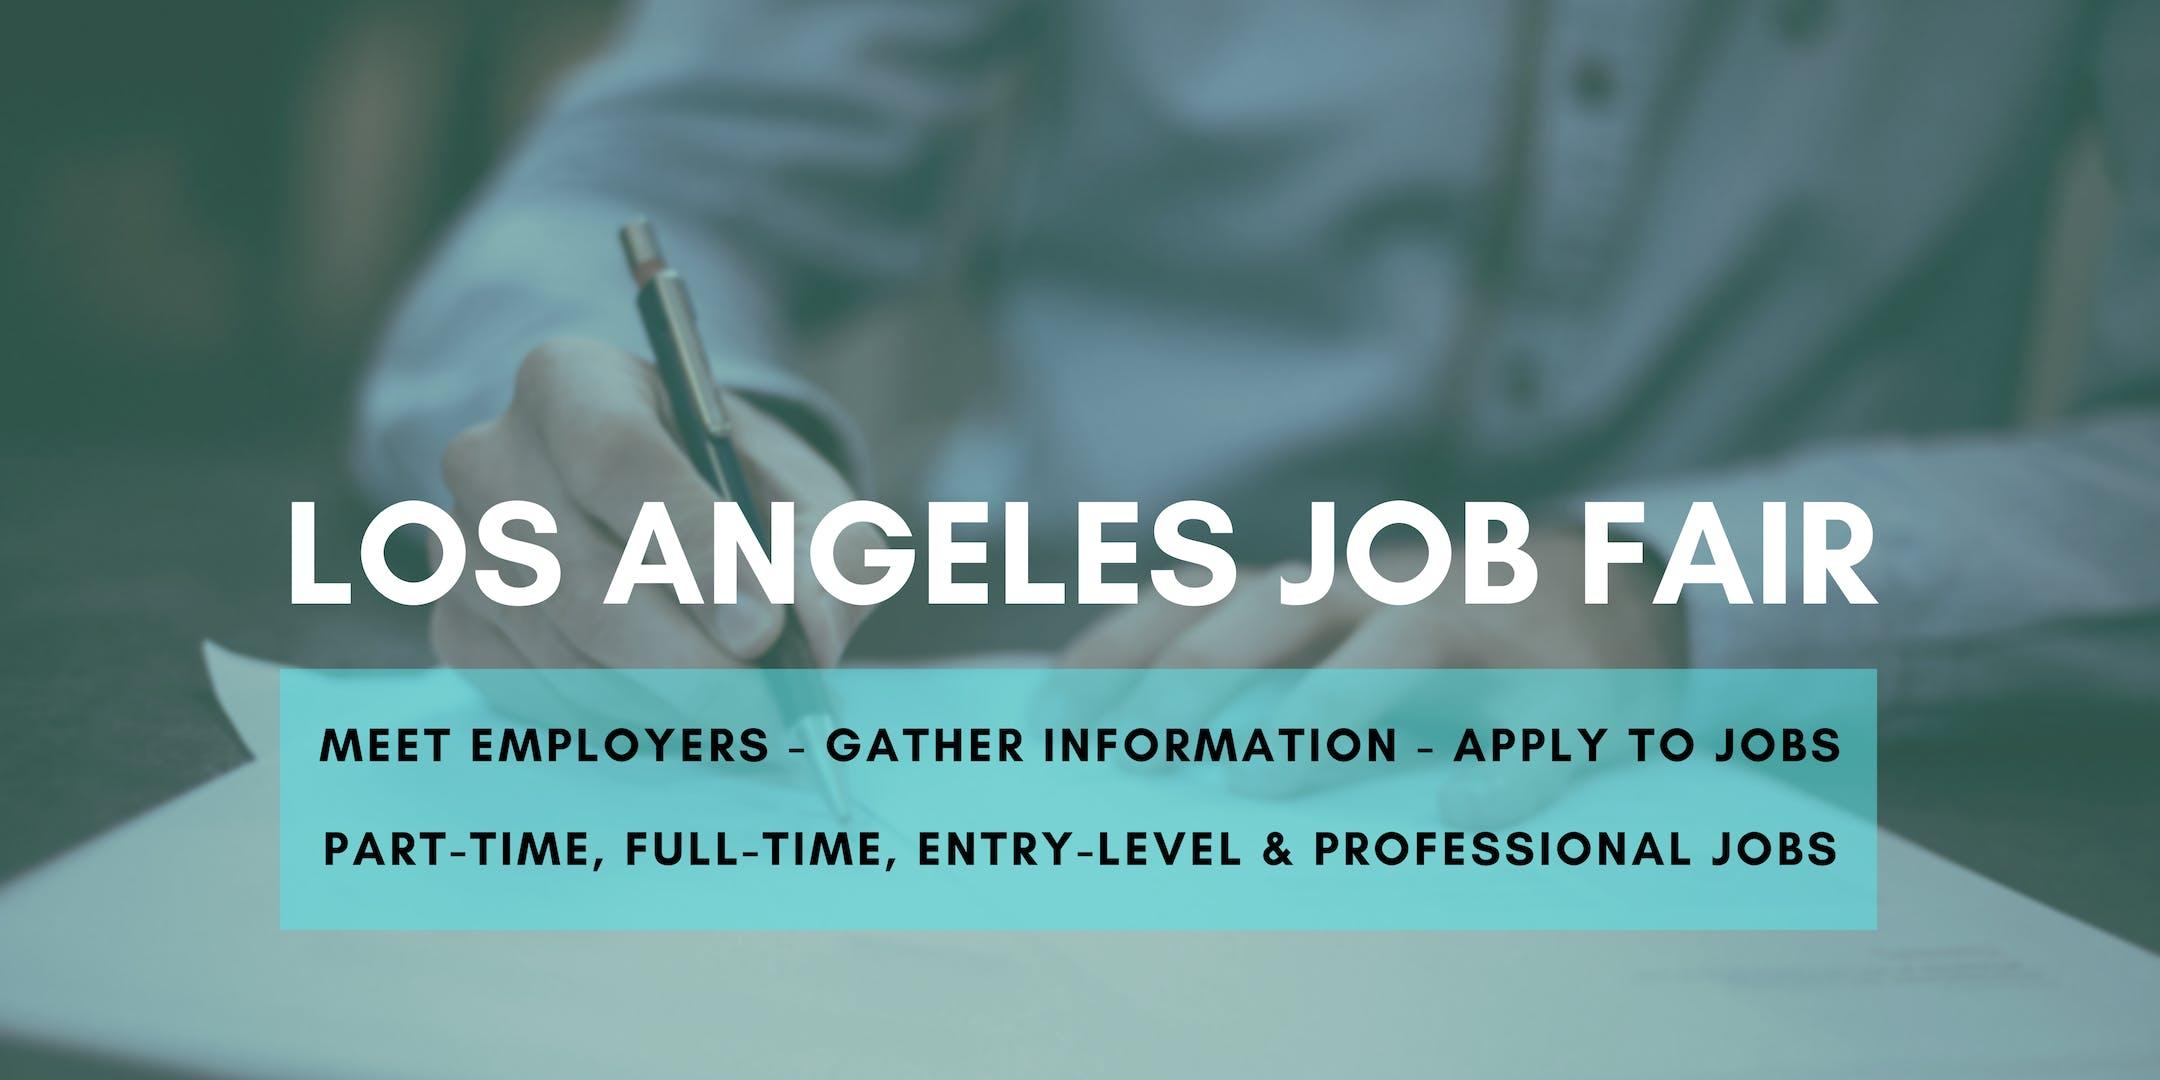 Los Angeles Job Fair - October 23, 2019 Job Fairs & Hiring Events in Los Angeles CA